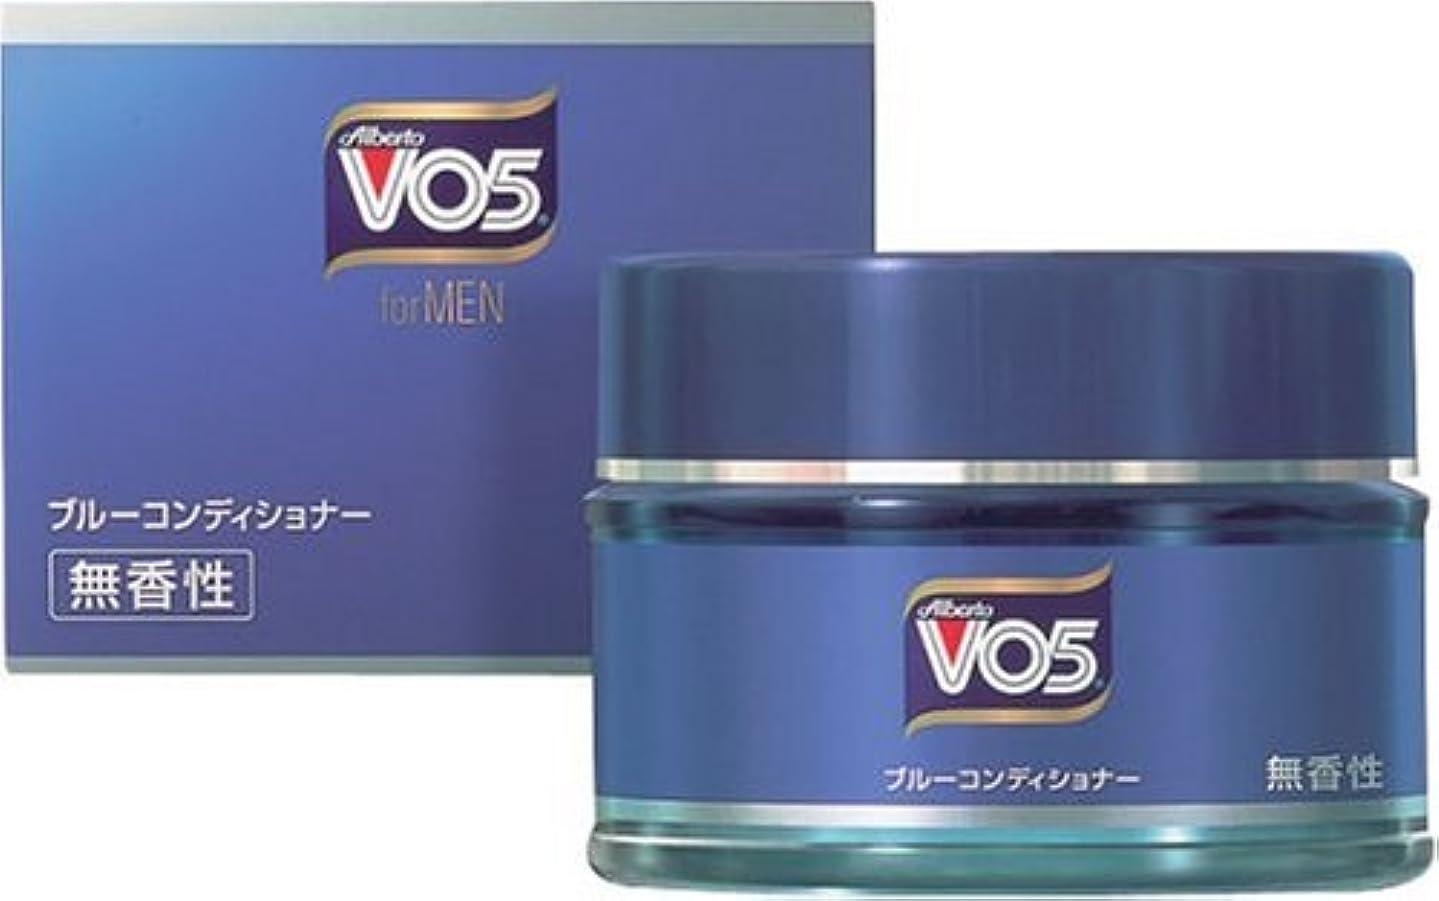 軍団ブロック犬VO5 for MEN ブルーコンディショナー 無香性 85G <白髪ケア ? 白髪かくし ? スタイリング剤 ? メンズ>